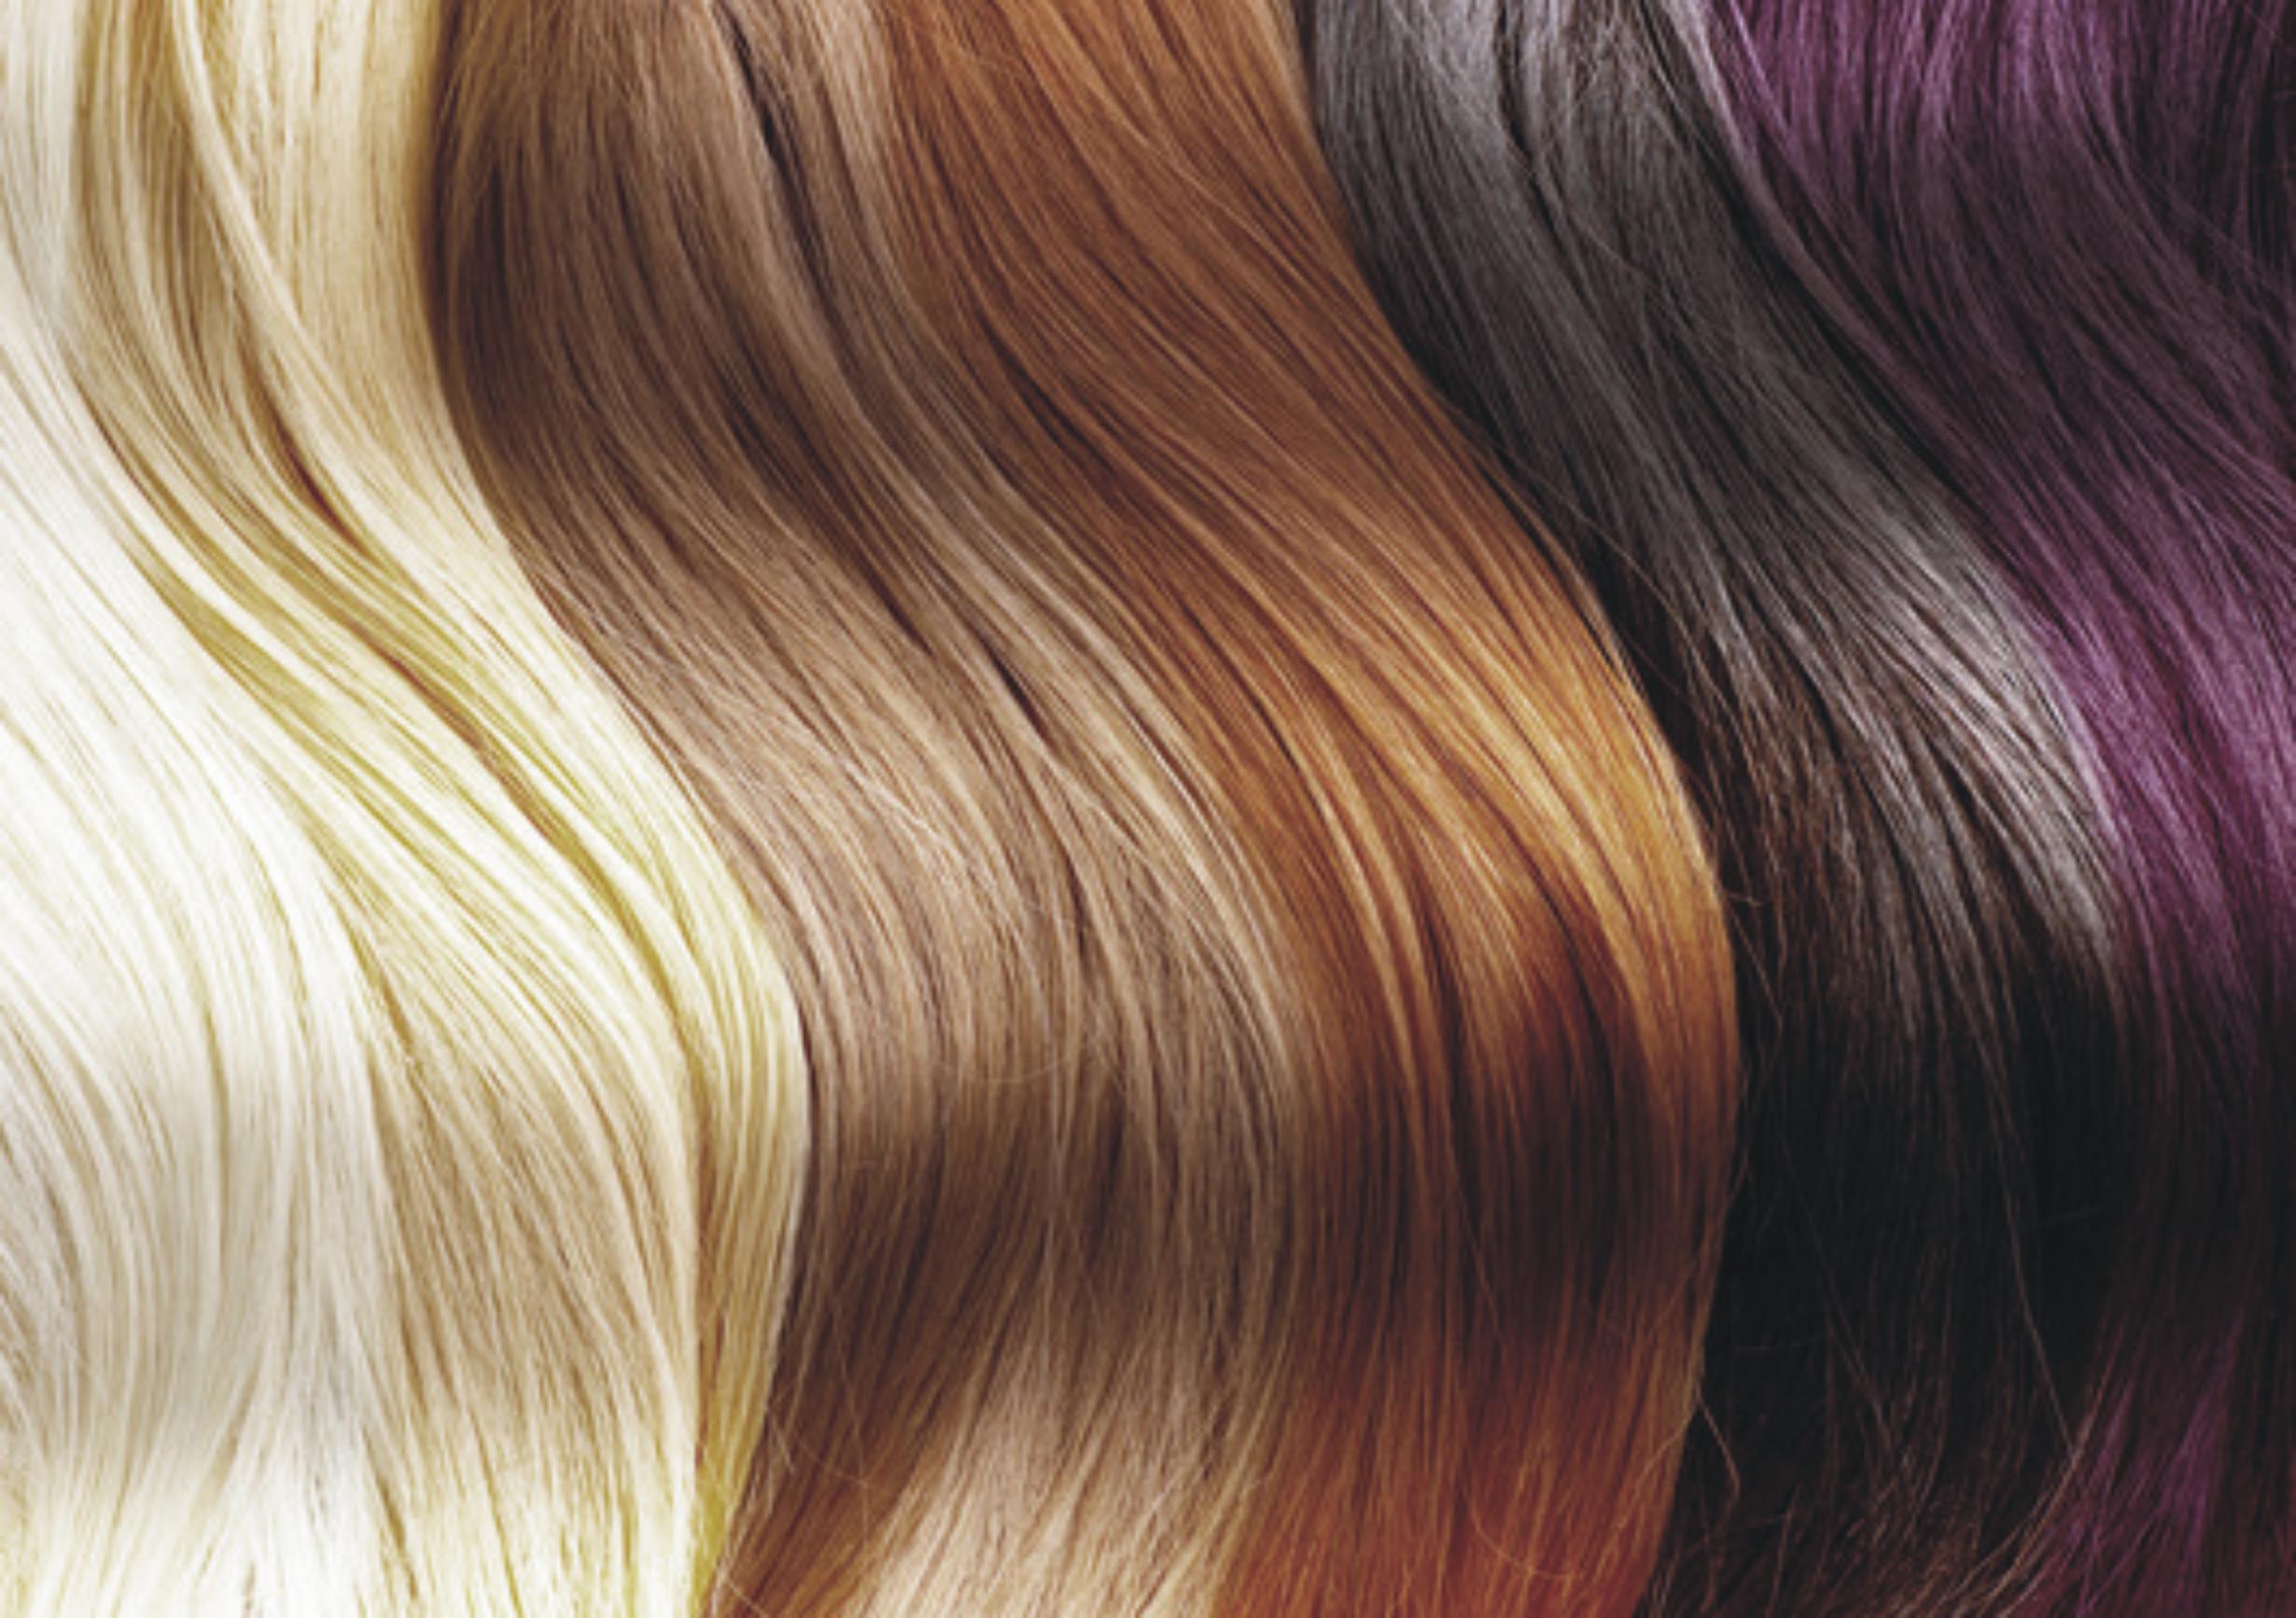 Hiusten värjäys, Kampaamo Pirkko Jaakkola Hiusmuotoilu,helsnki keskusta-hiusten muoti värit